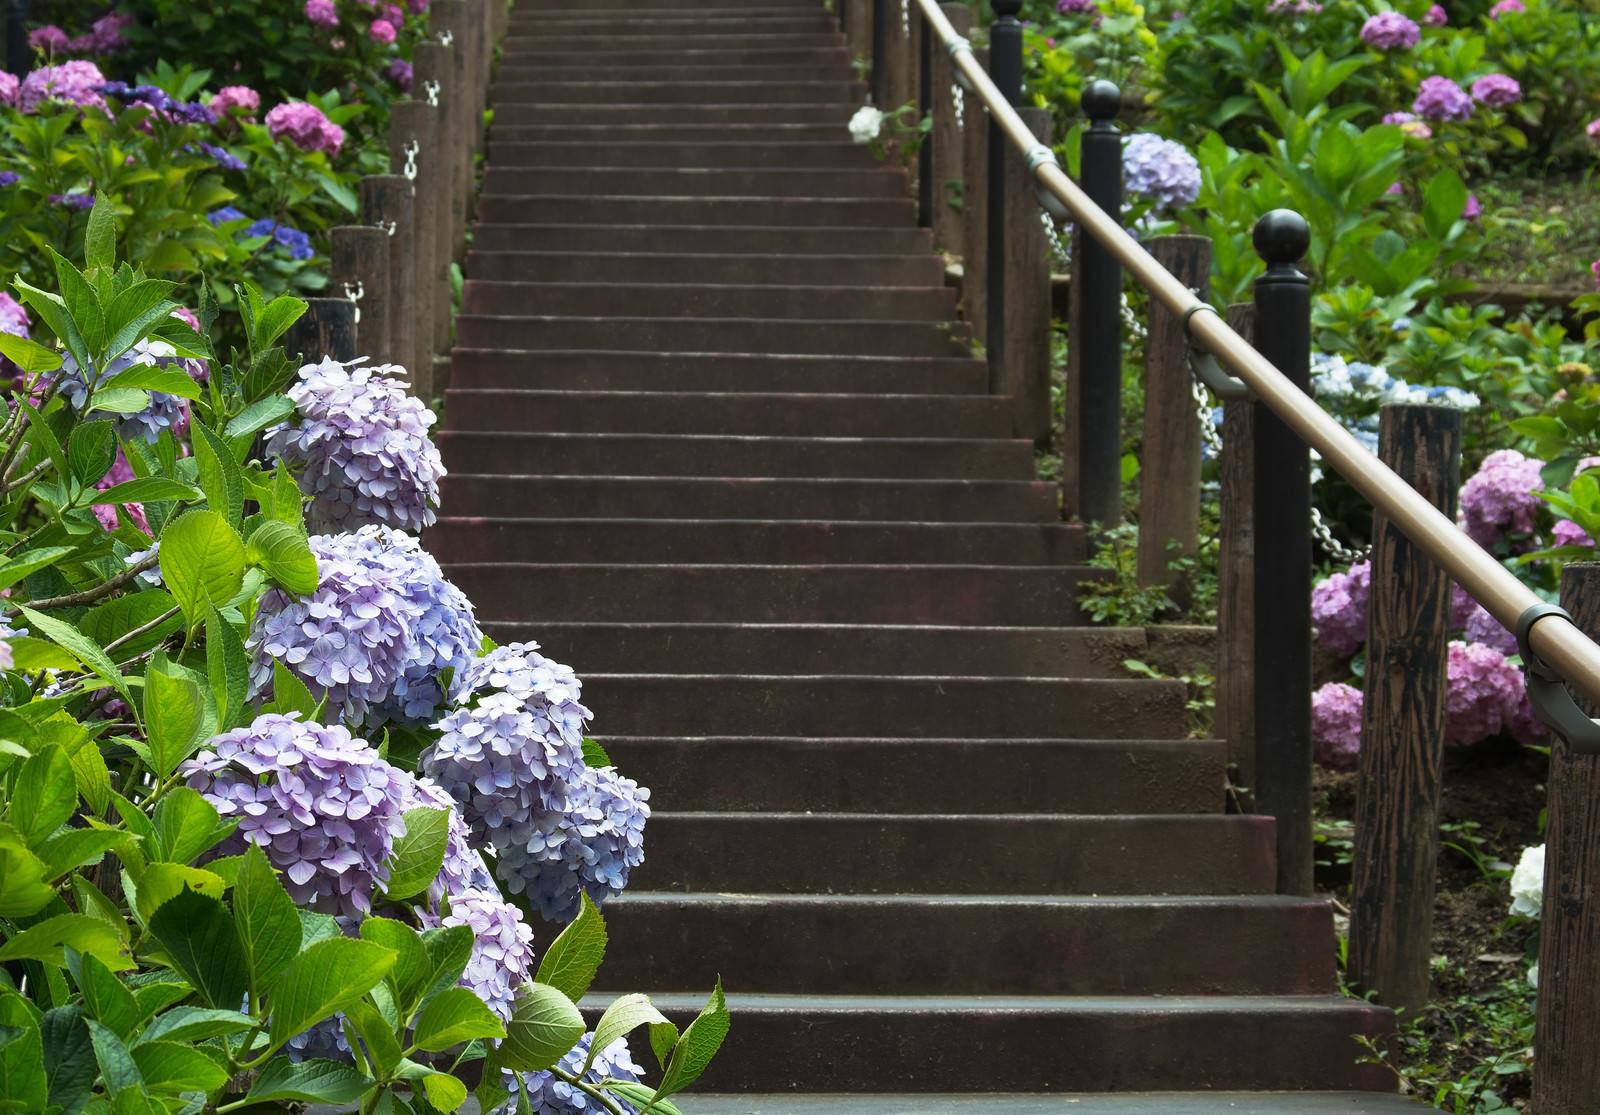 「階段沿いに彩る紫陽花」の写真